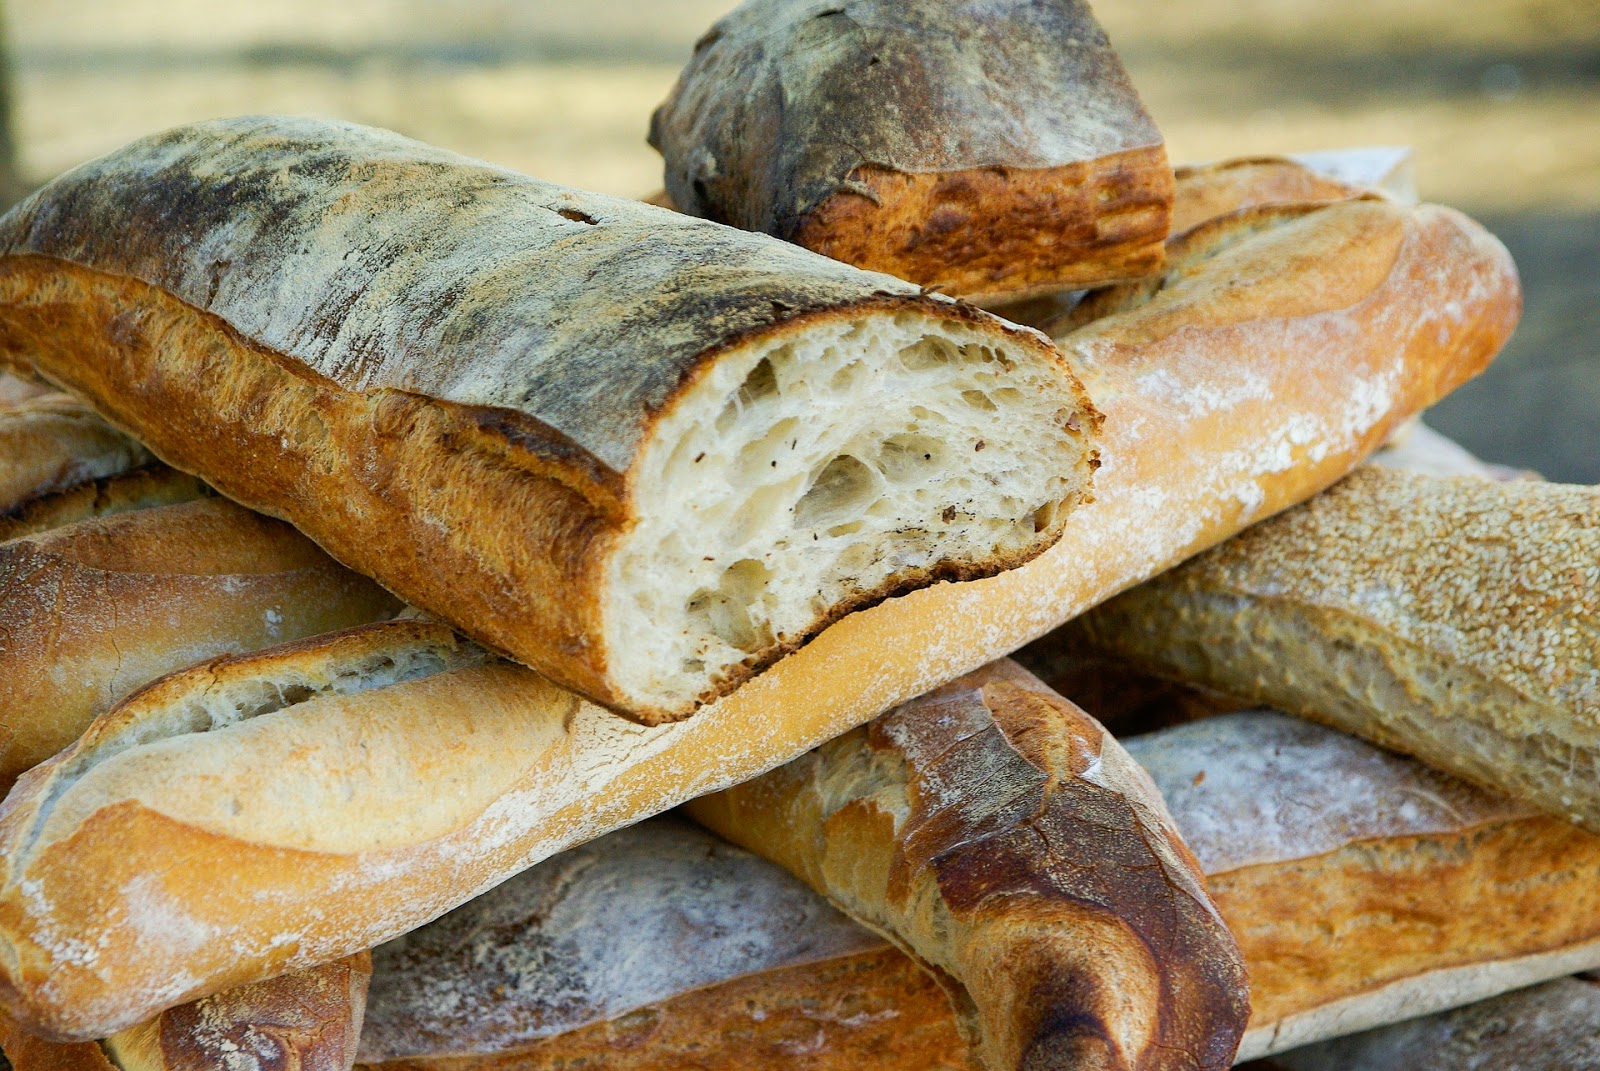 Μυστικό για να μην ξεραίνεται η άκρη του κομμένου ψωμιού.